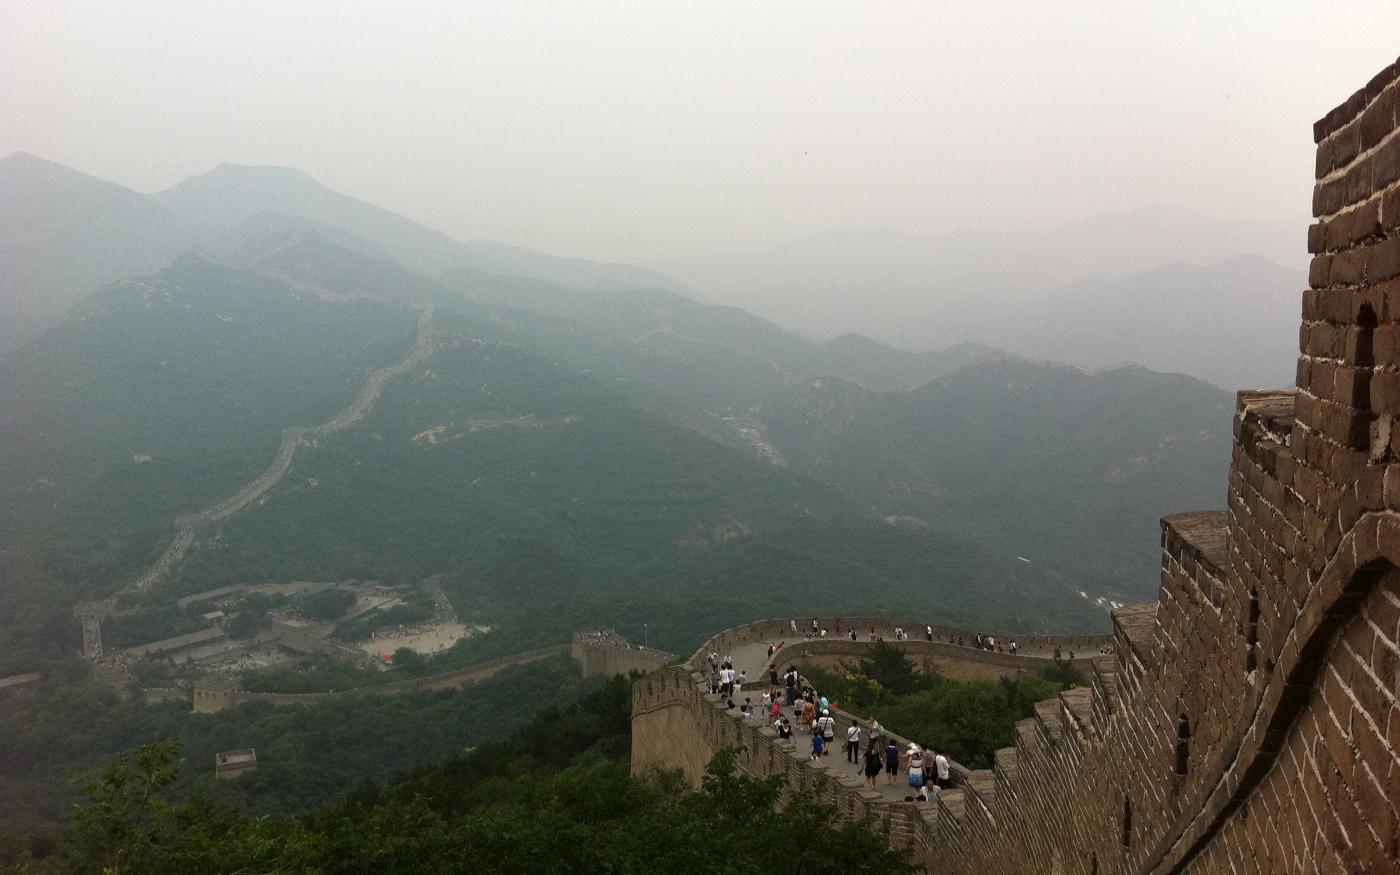 Tagesausflug zur Chinesischen Mauer mit deutschsprachiger Reiseleitung